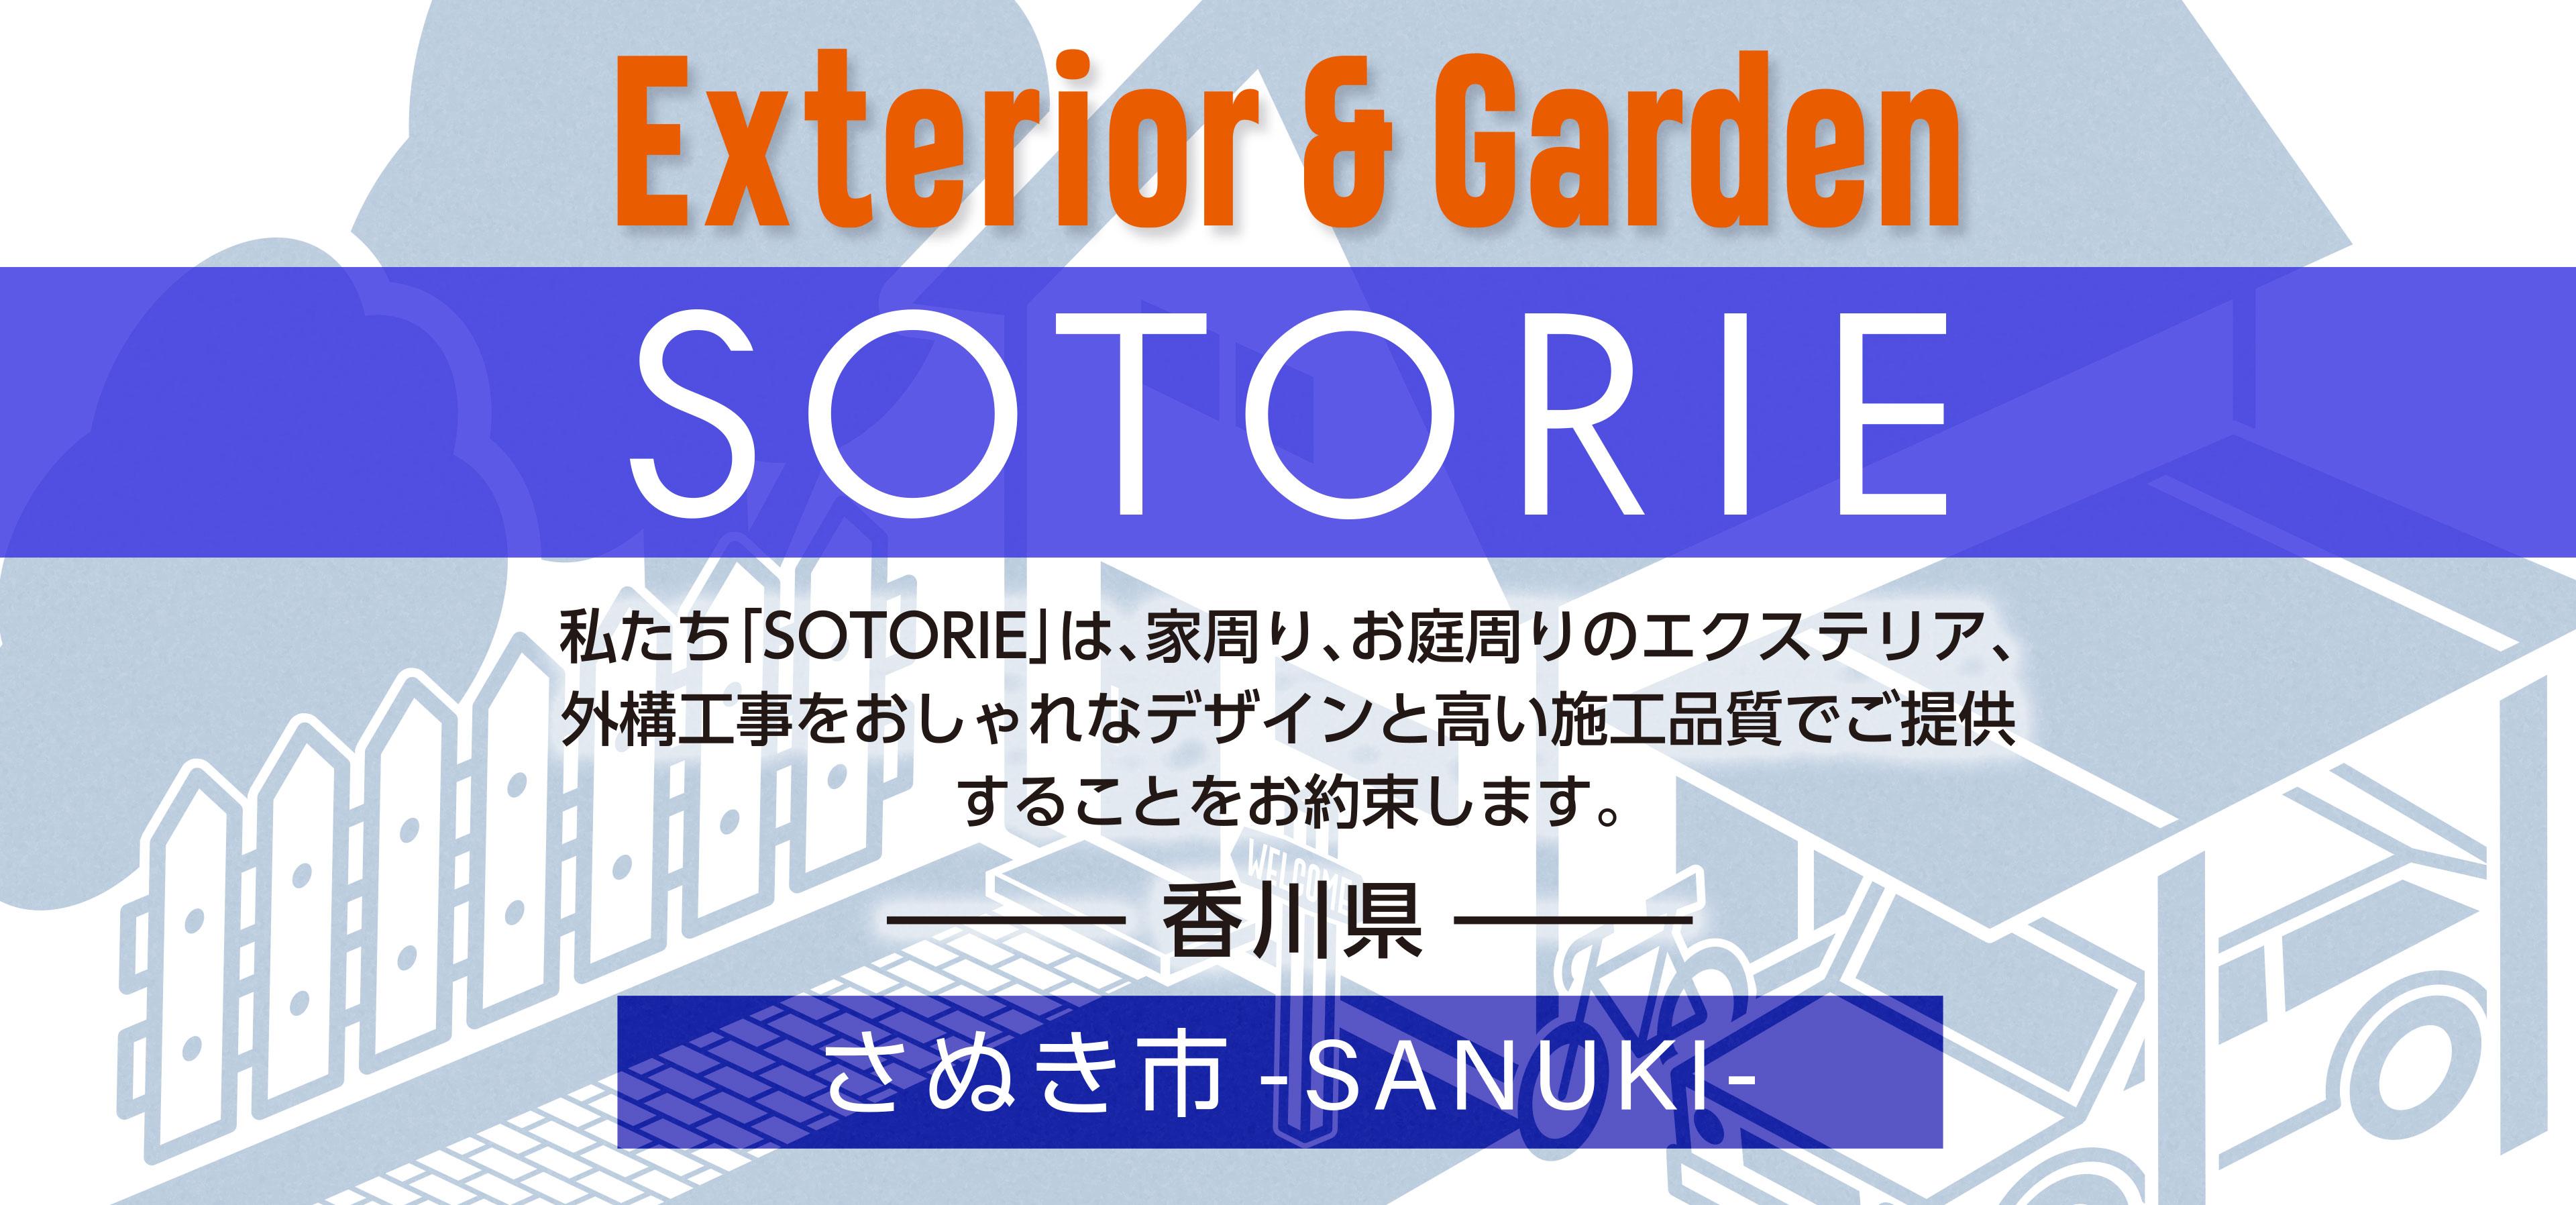 ソトリエさぬき市では、家周りと庭周りの外構、エクステリア工事をおしゃれなデザインと高い施工品質でご提供することをお約束します。